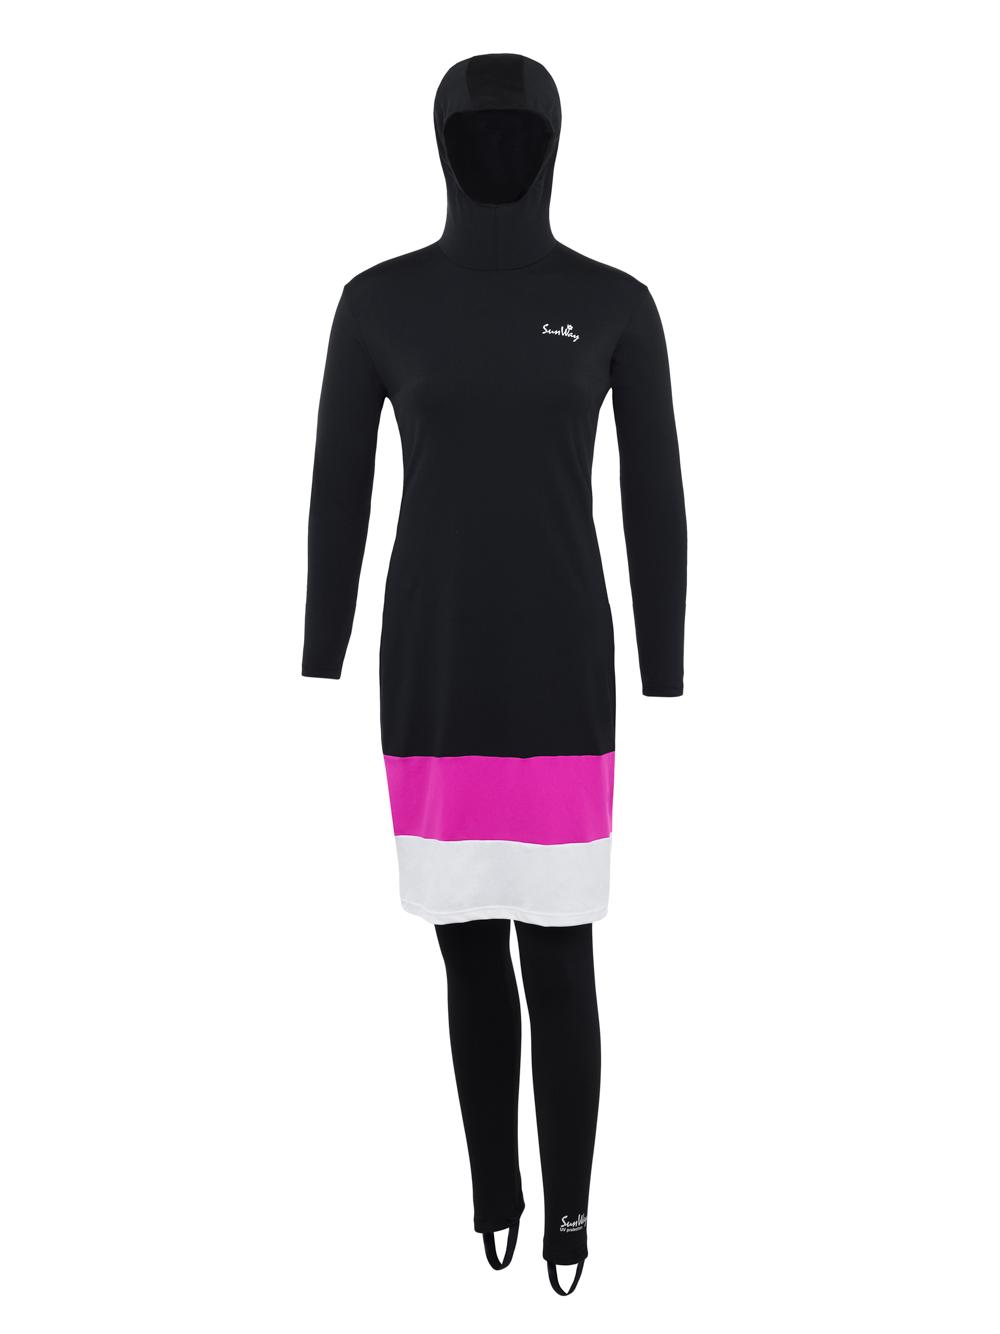 Burqini modest swimwear with hood